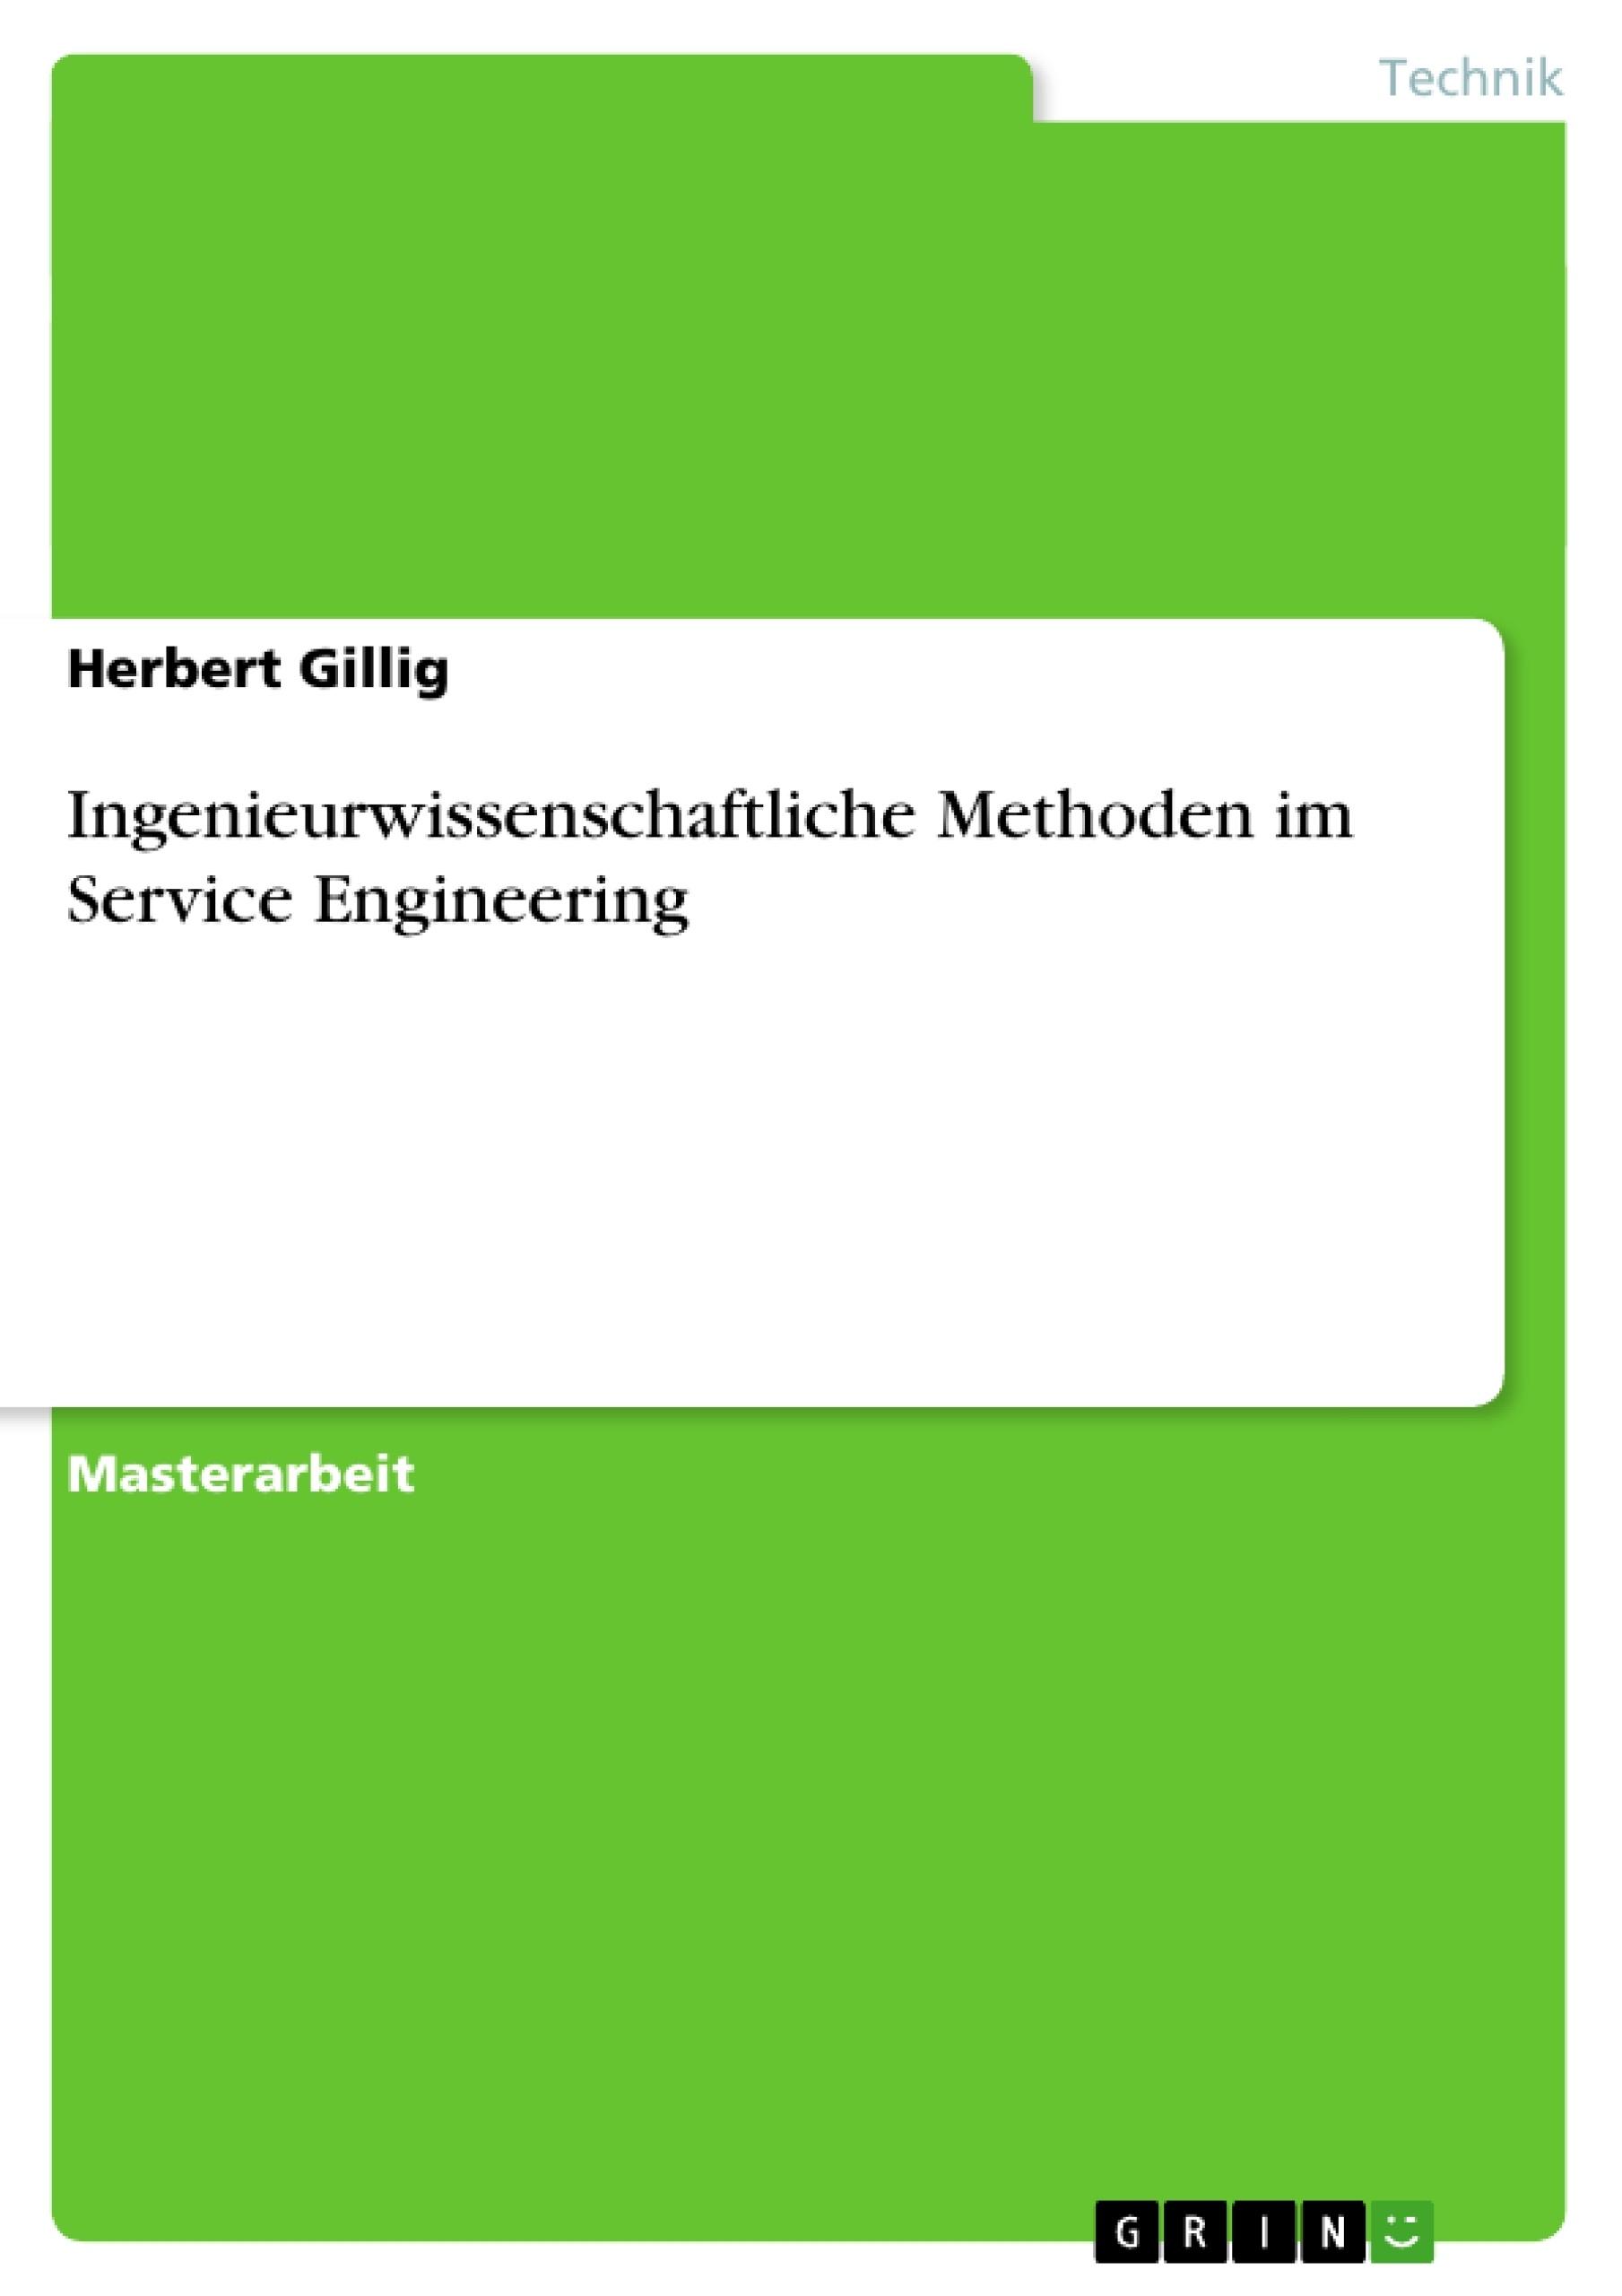 Titel: Ingenieurwissenschaftliche Methoden im Service Engineering